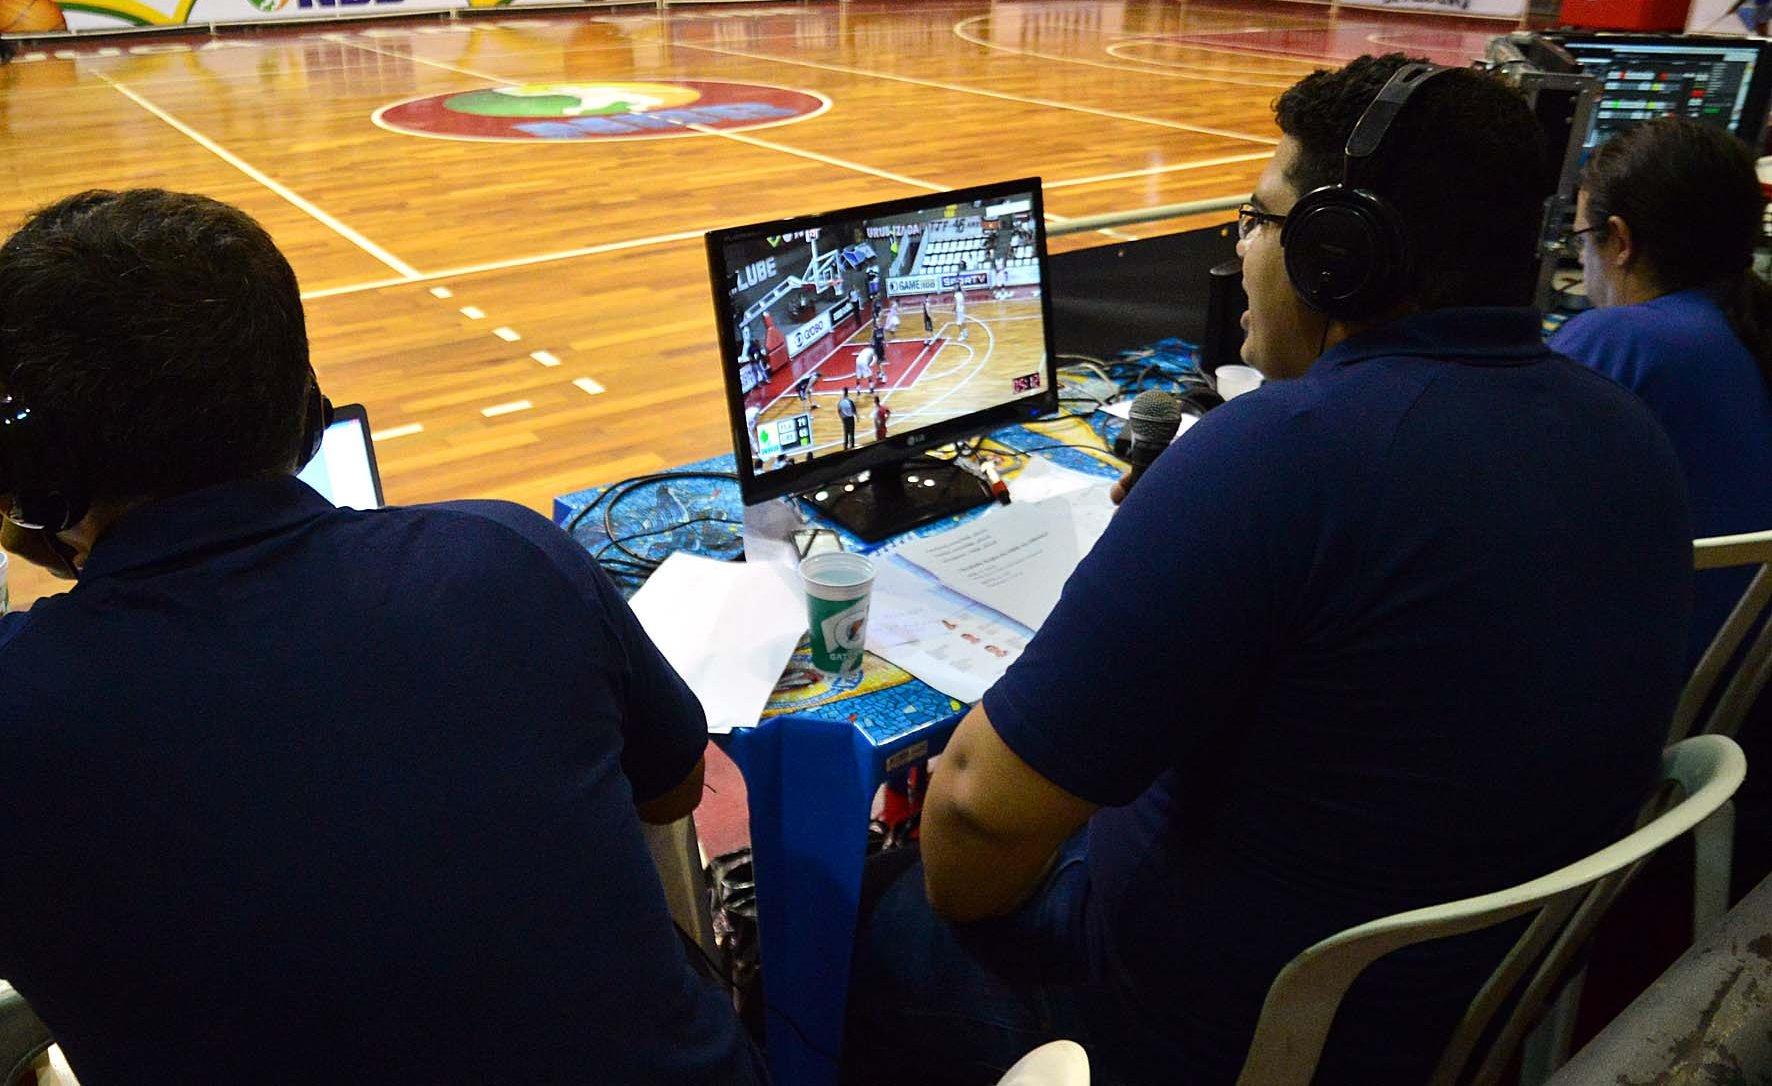 Iniciadas na última temporada, transmissões  via web acontecerão em todas as rodadas do NBB 7 (João Pires/LNB)